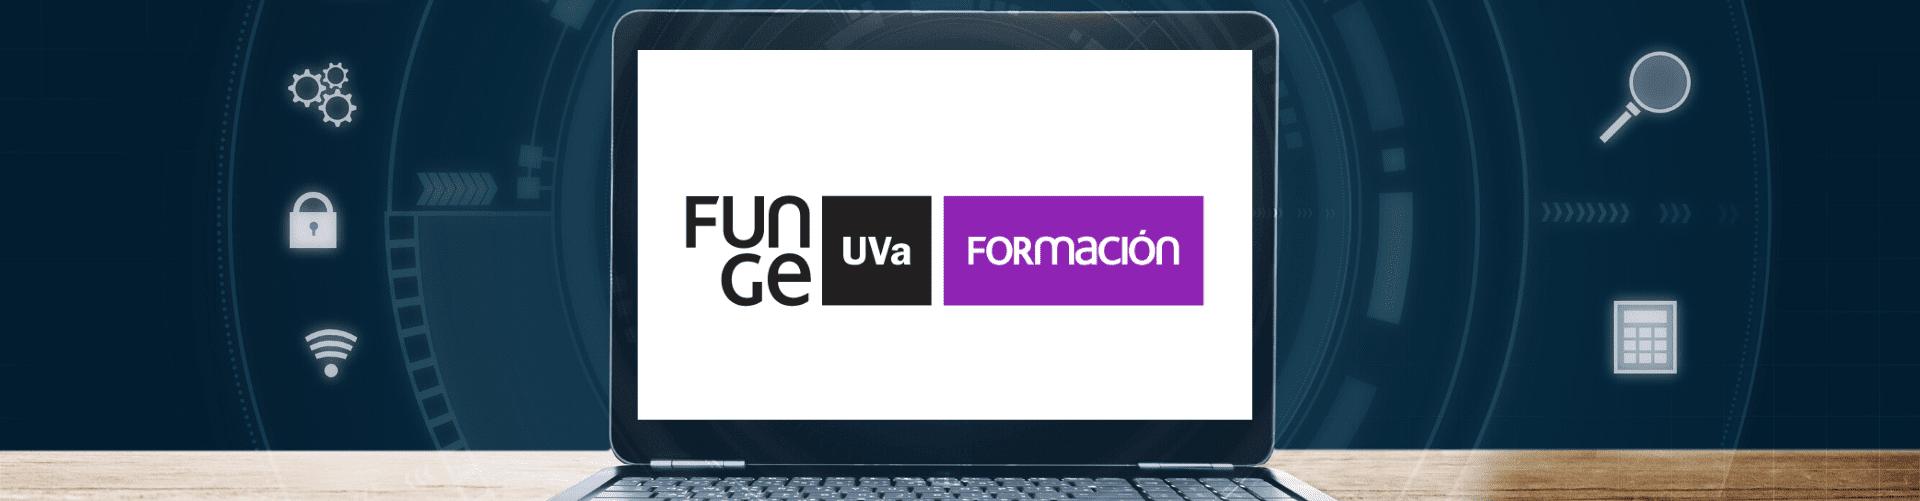 Departamento de Formación - Funge - Universidad de Valladolid - cursos - conferencias - online - presencial